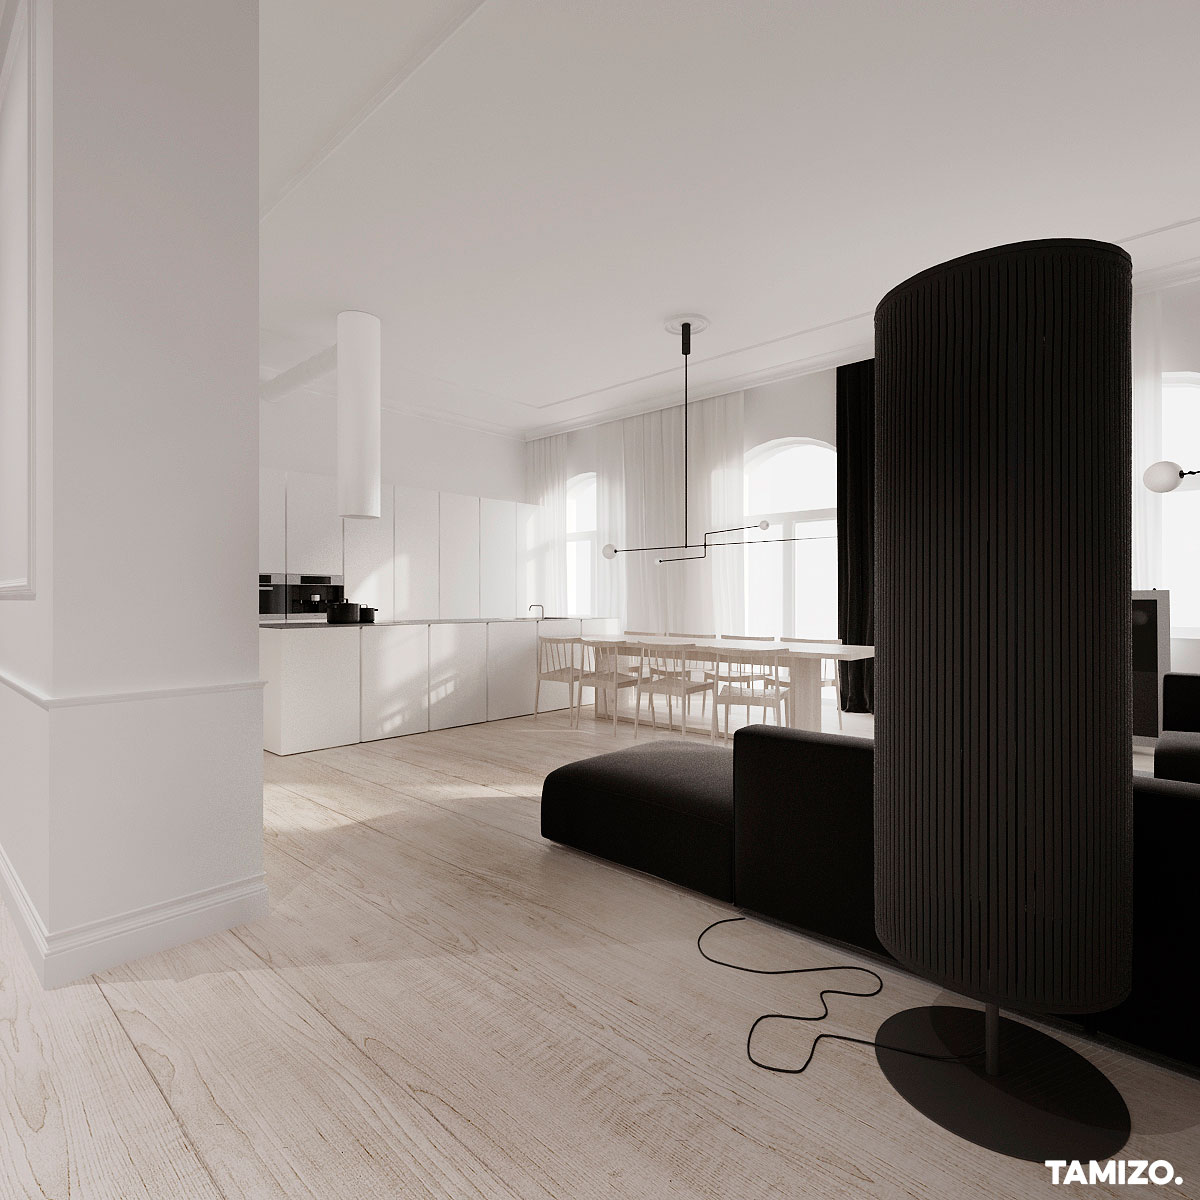 I057_tamizo_architekci_projekt-wnetrz-stara-kamienica-wnetrze-klasyczne-minimalizm-warszawa-01